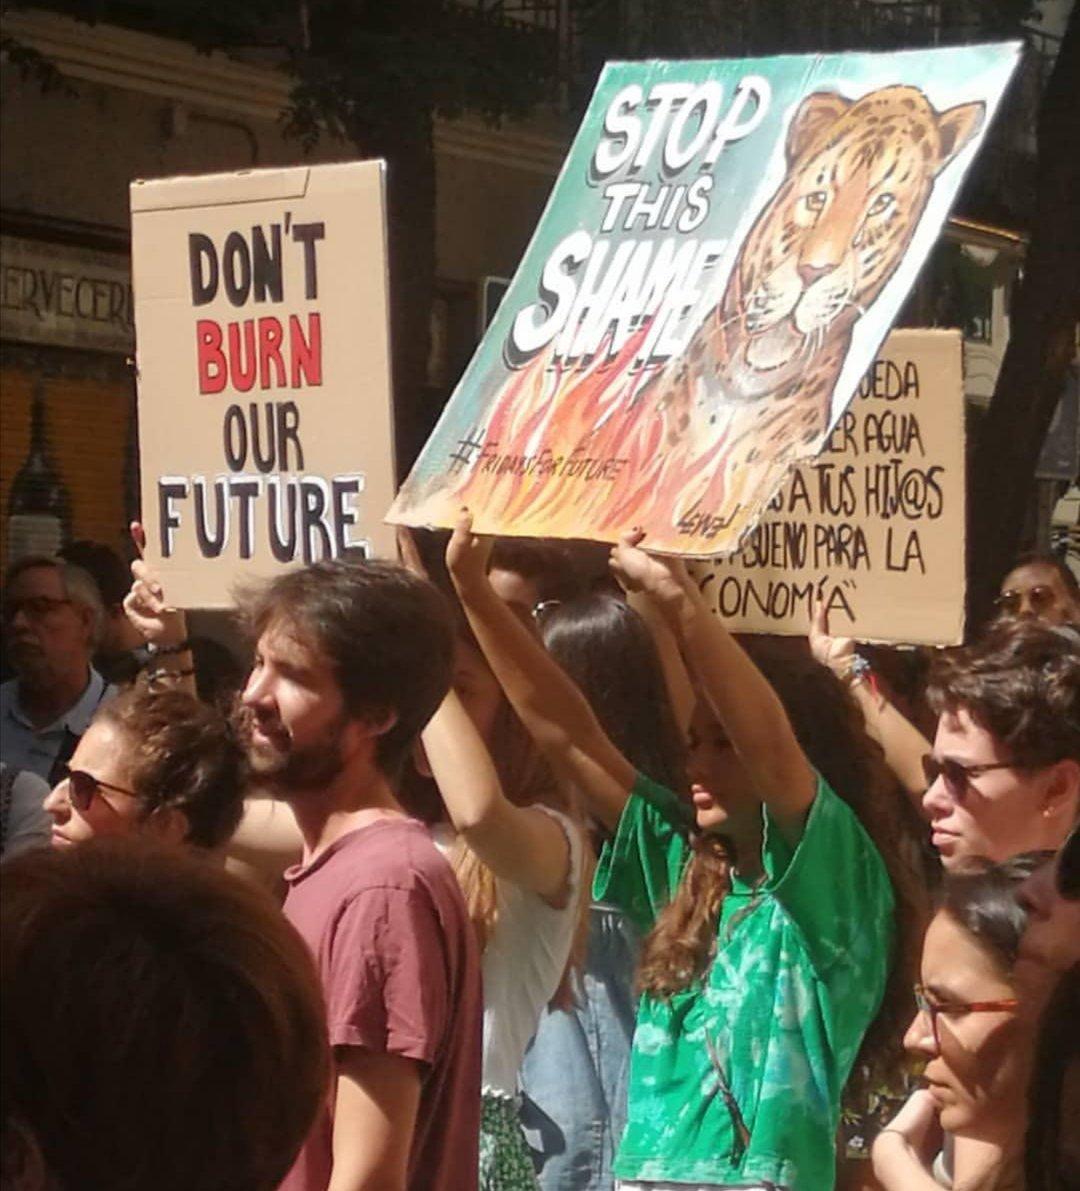 Manifestantes protestam contra a devastação da Amazônia em frente a embaixada brasileira em Madri, na Espanha